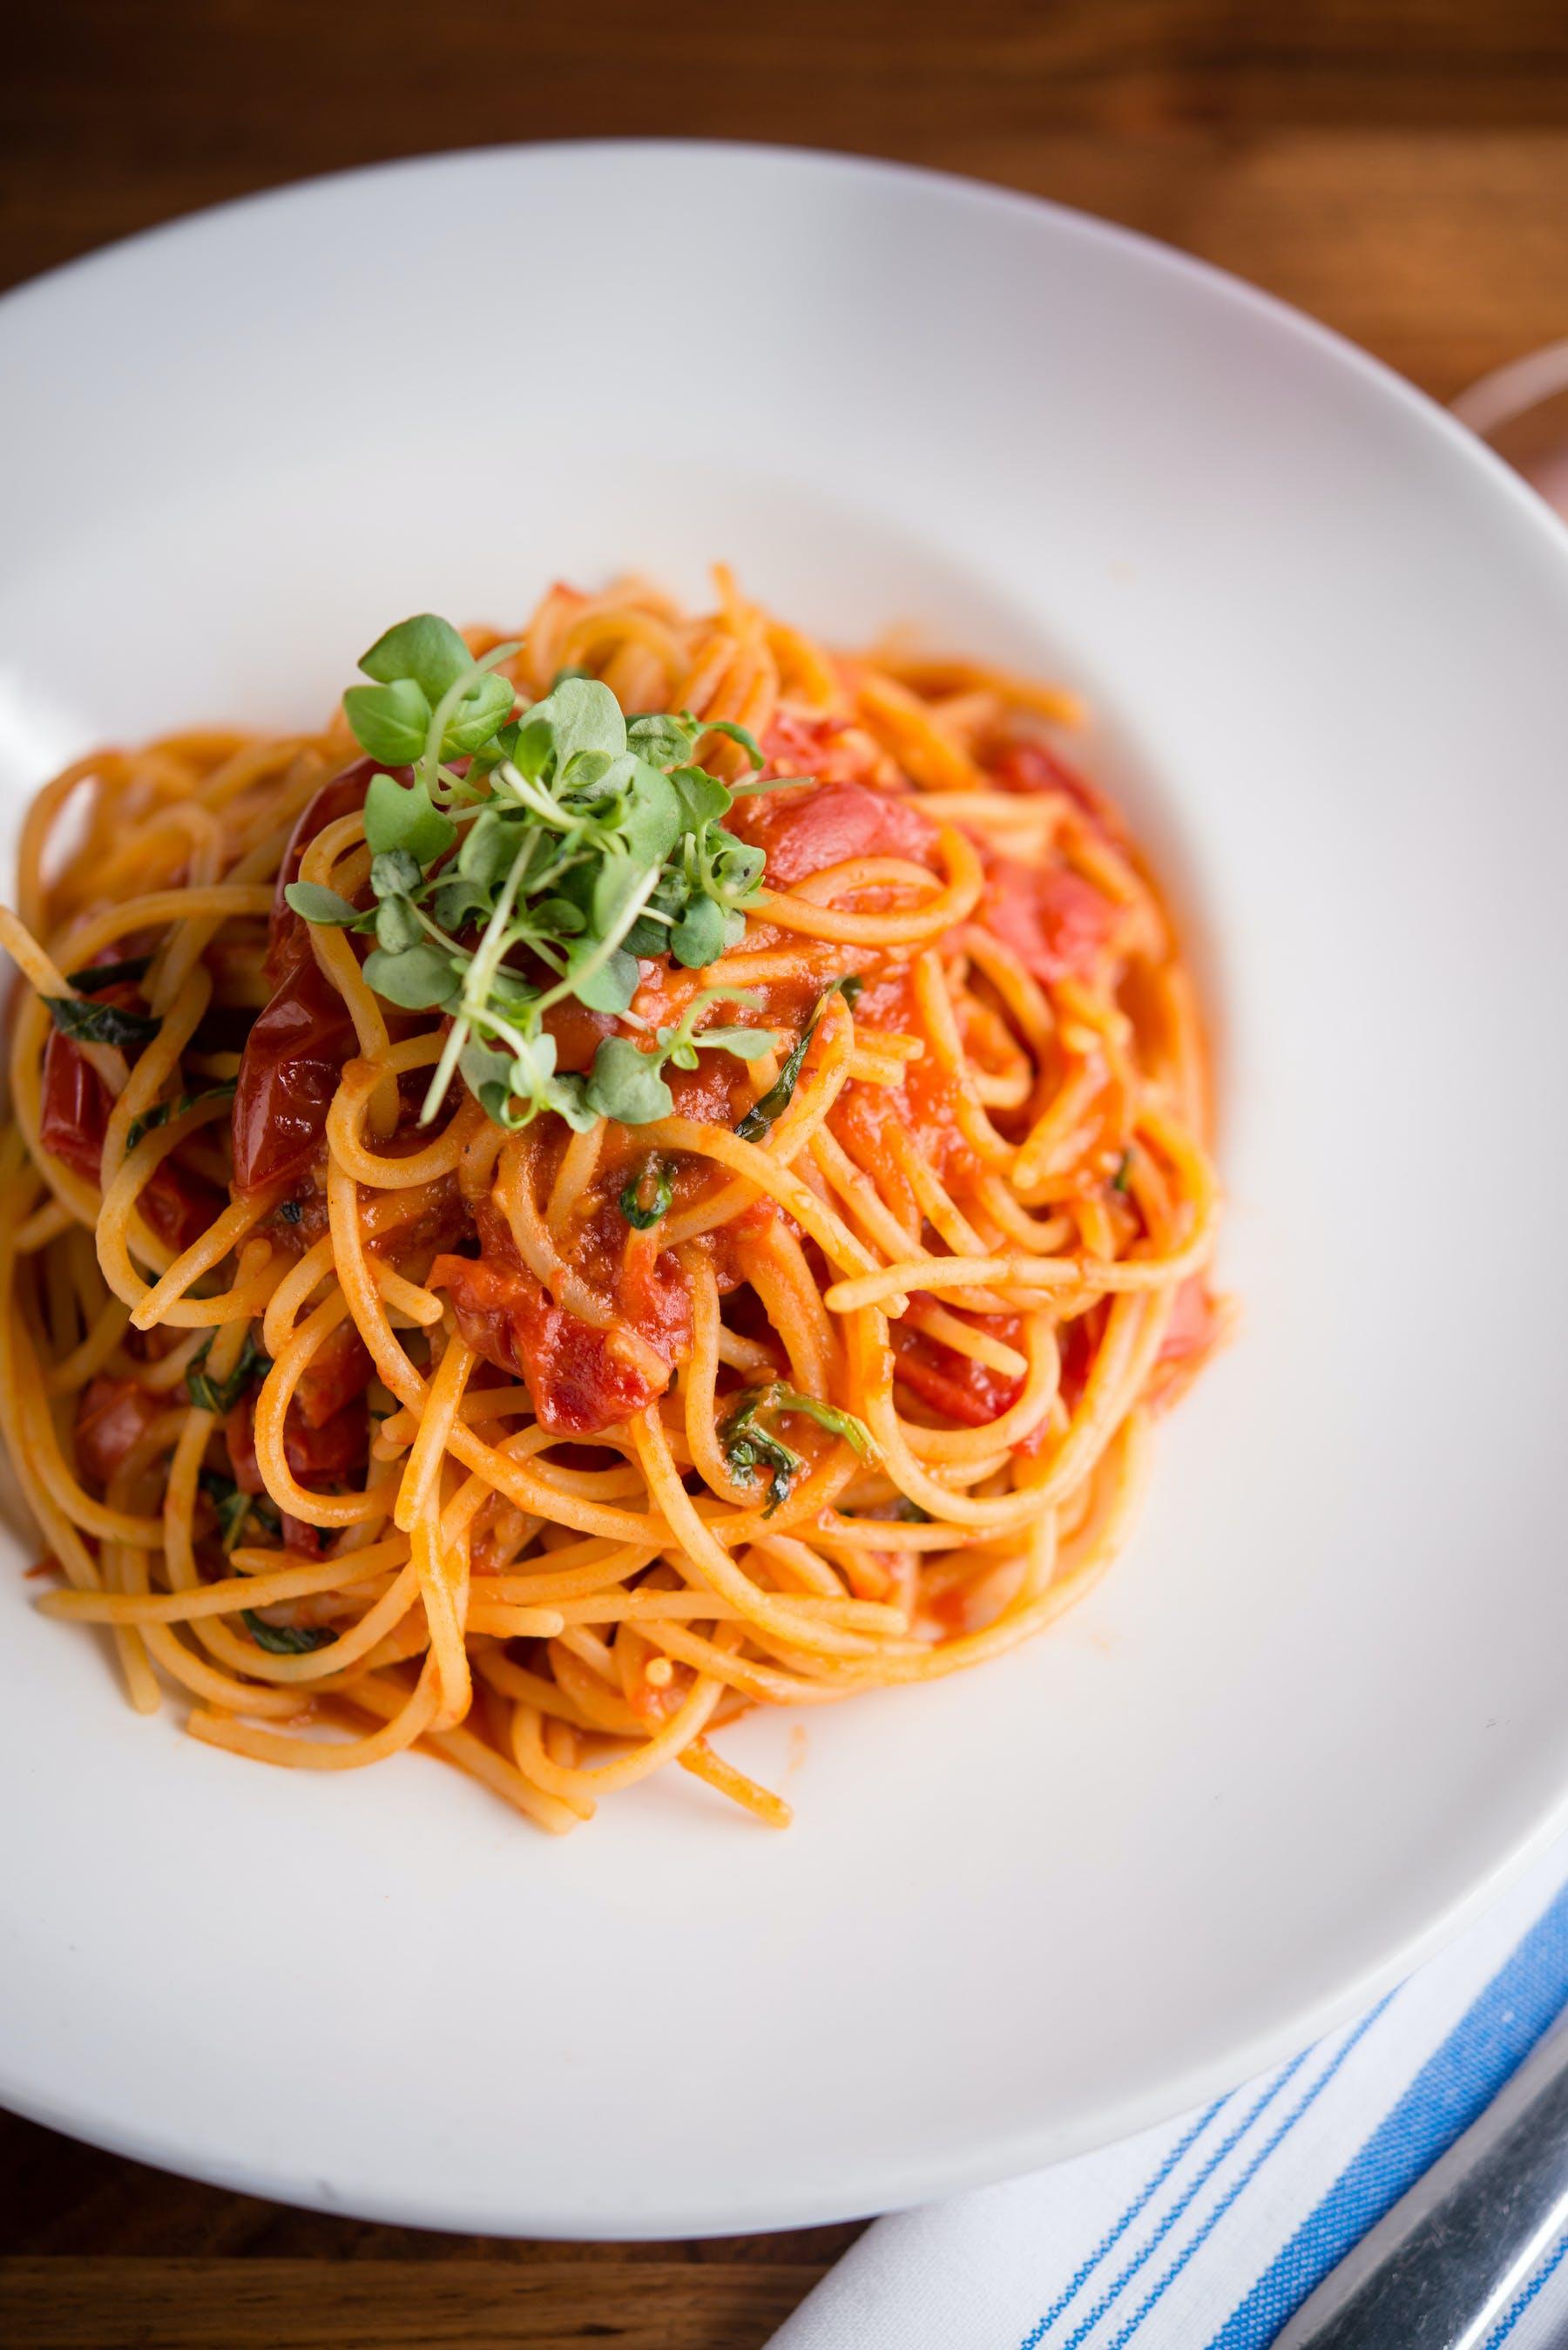 an spaghetti plate